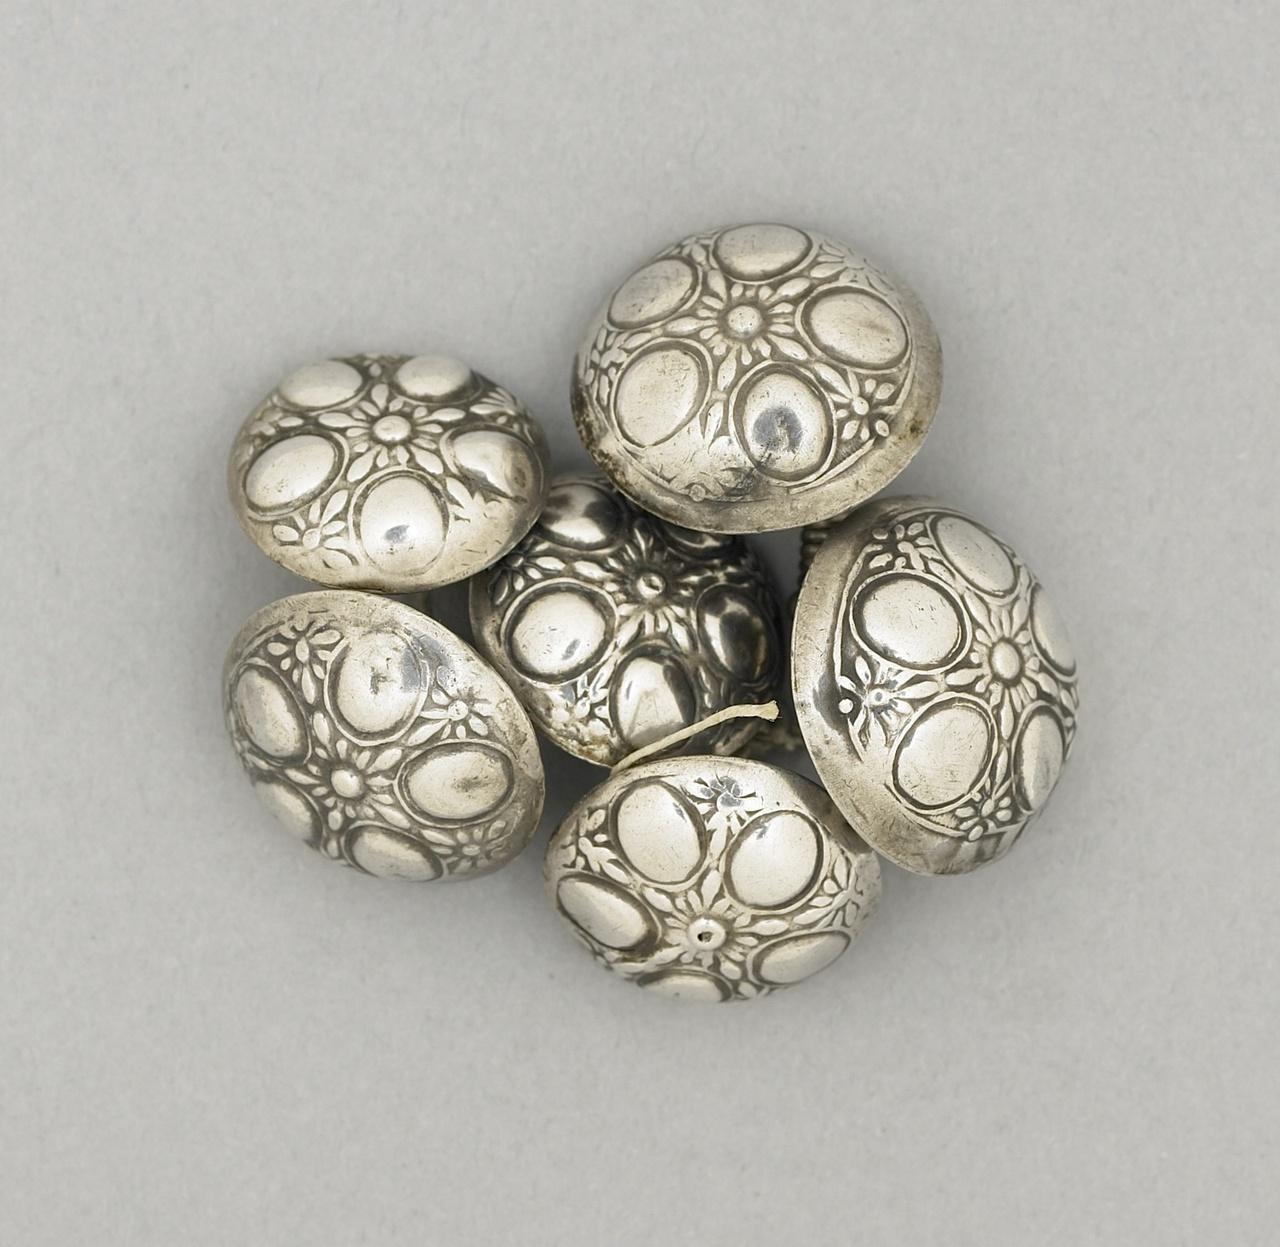 Zes zilveren boerenknopen, Zeeuwse dracht, Cornelis Wendels